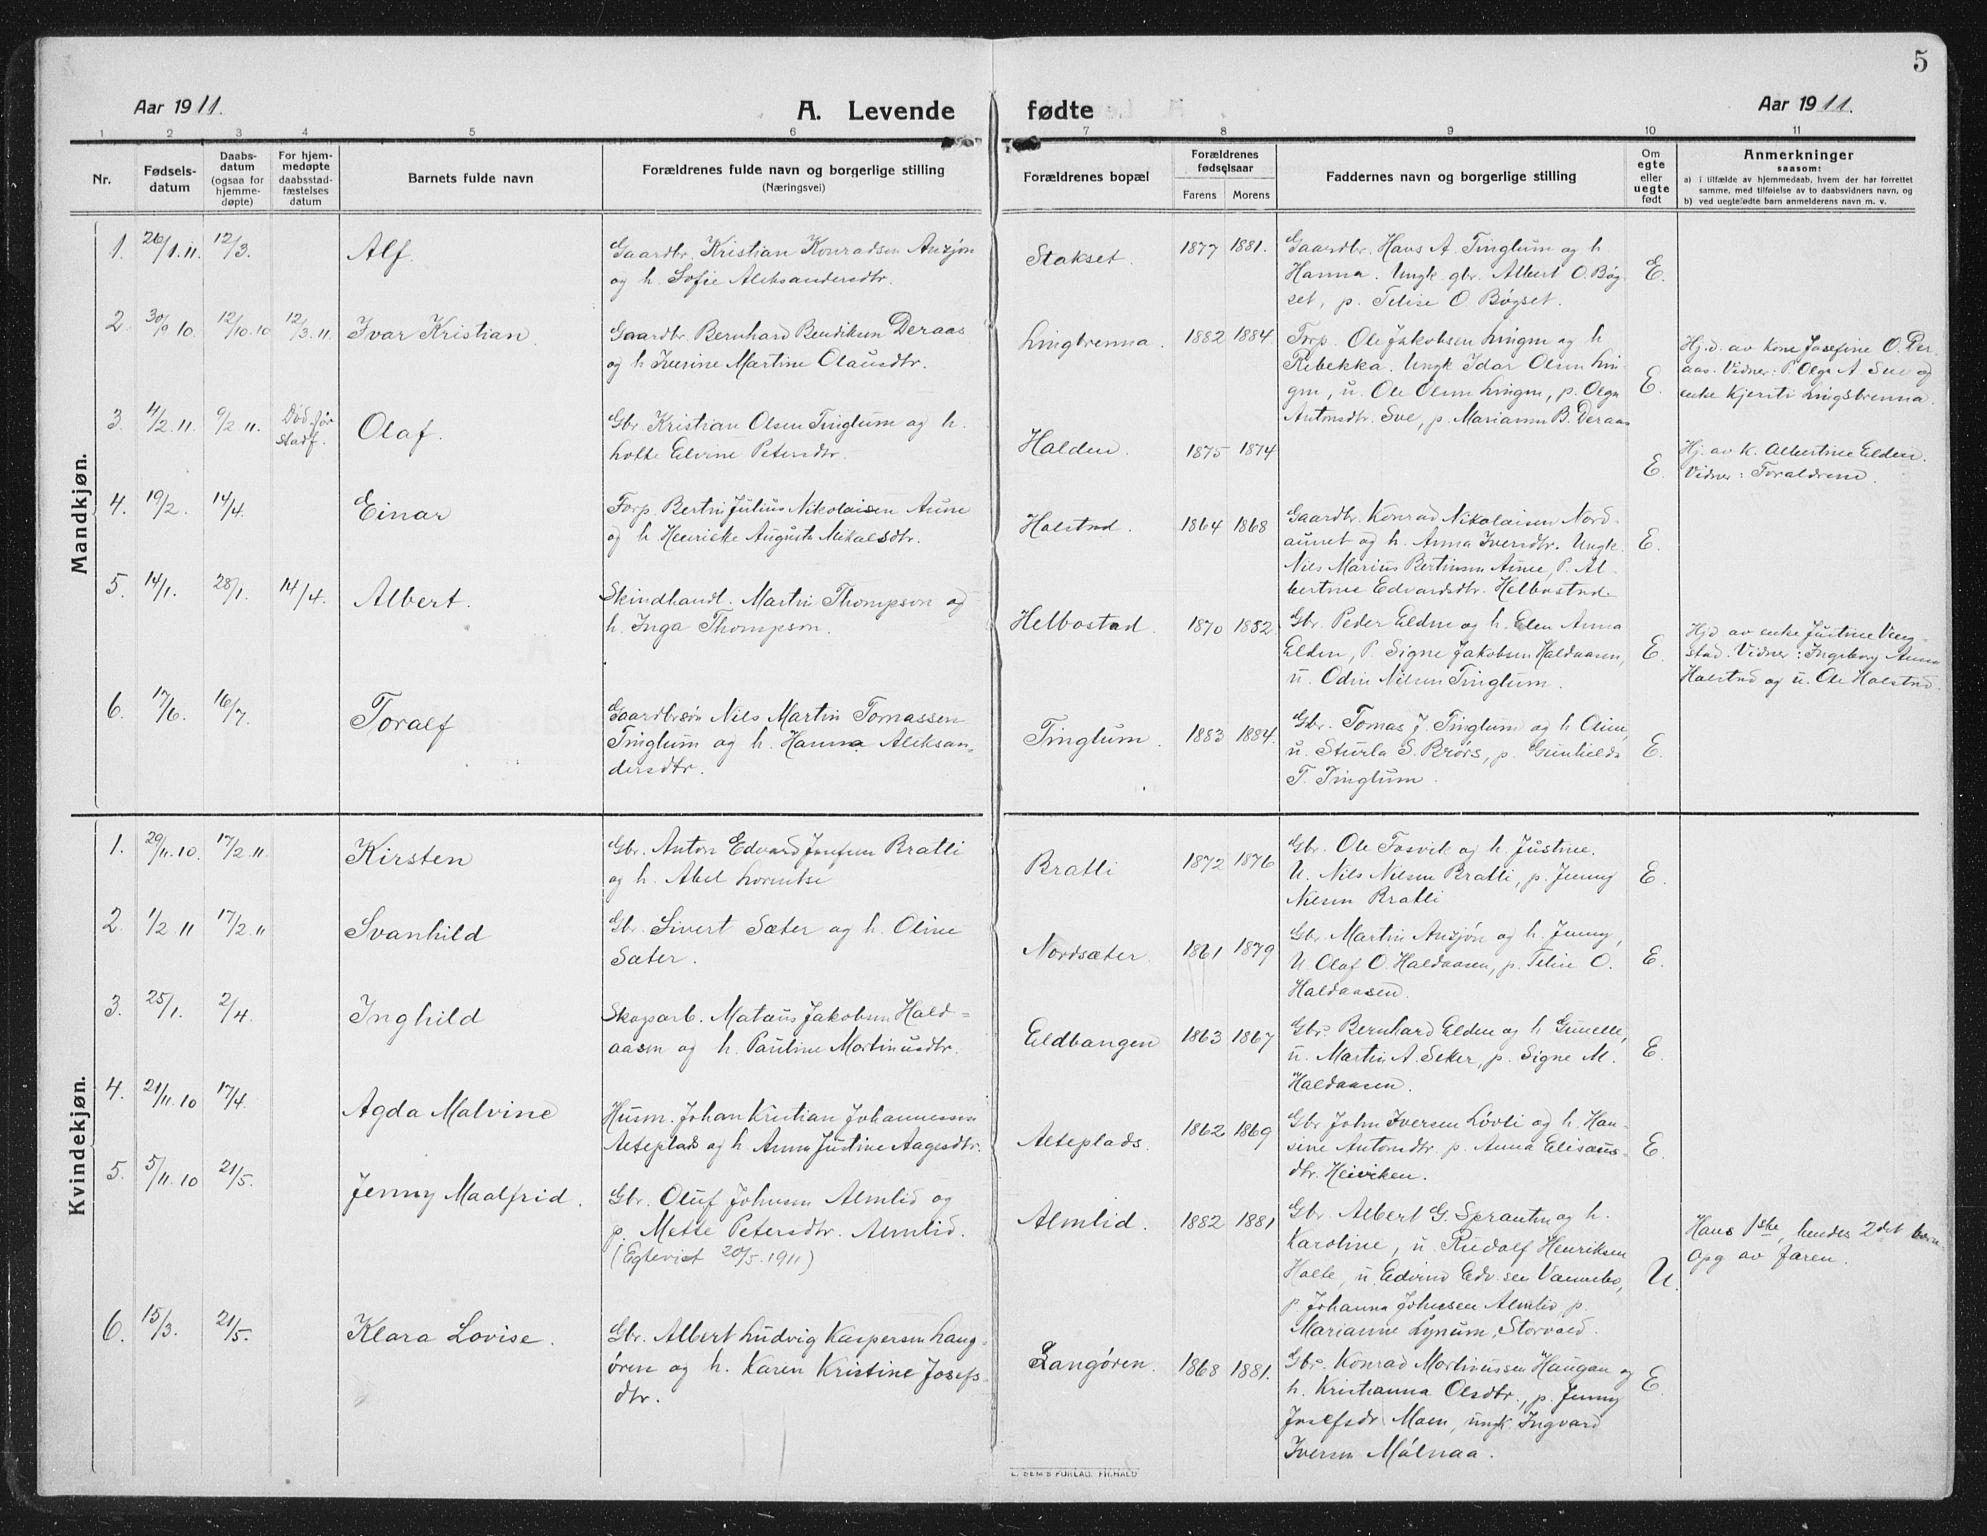 SAT, Ministerialprotokoller, klokkerbøker og fødselsregistre - Nord-Trøndelag, 742/L0413: Klokkerbok nr. 742C04, 1911-1938, s. 5